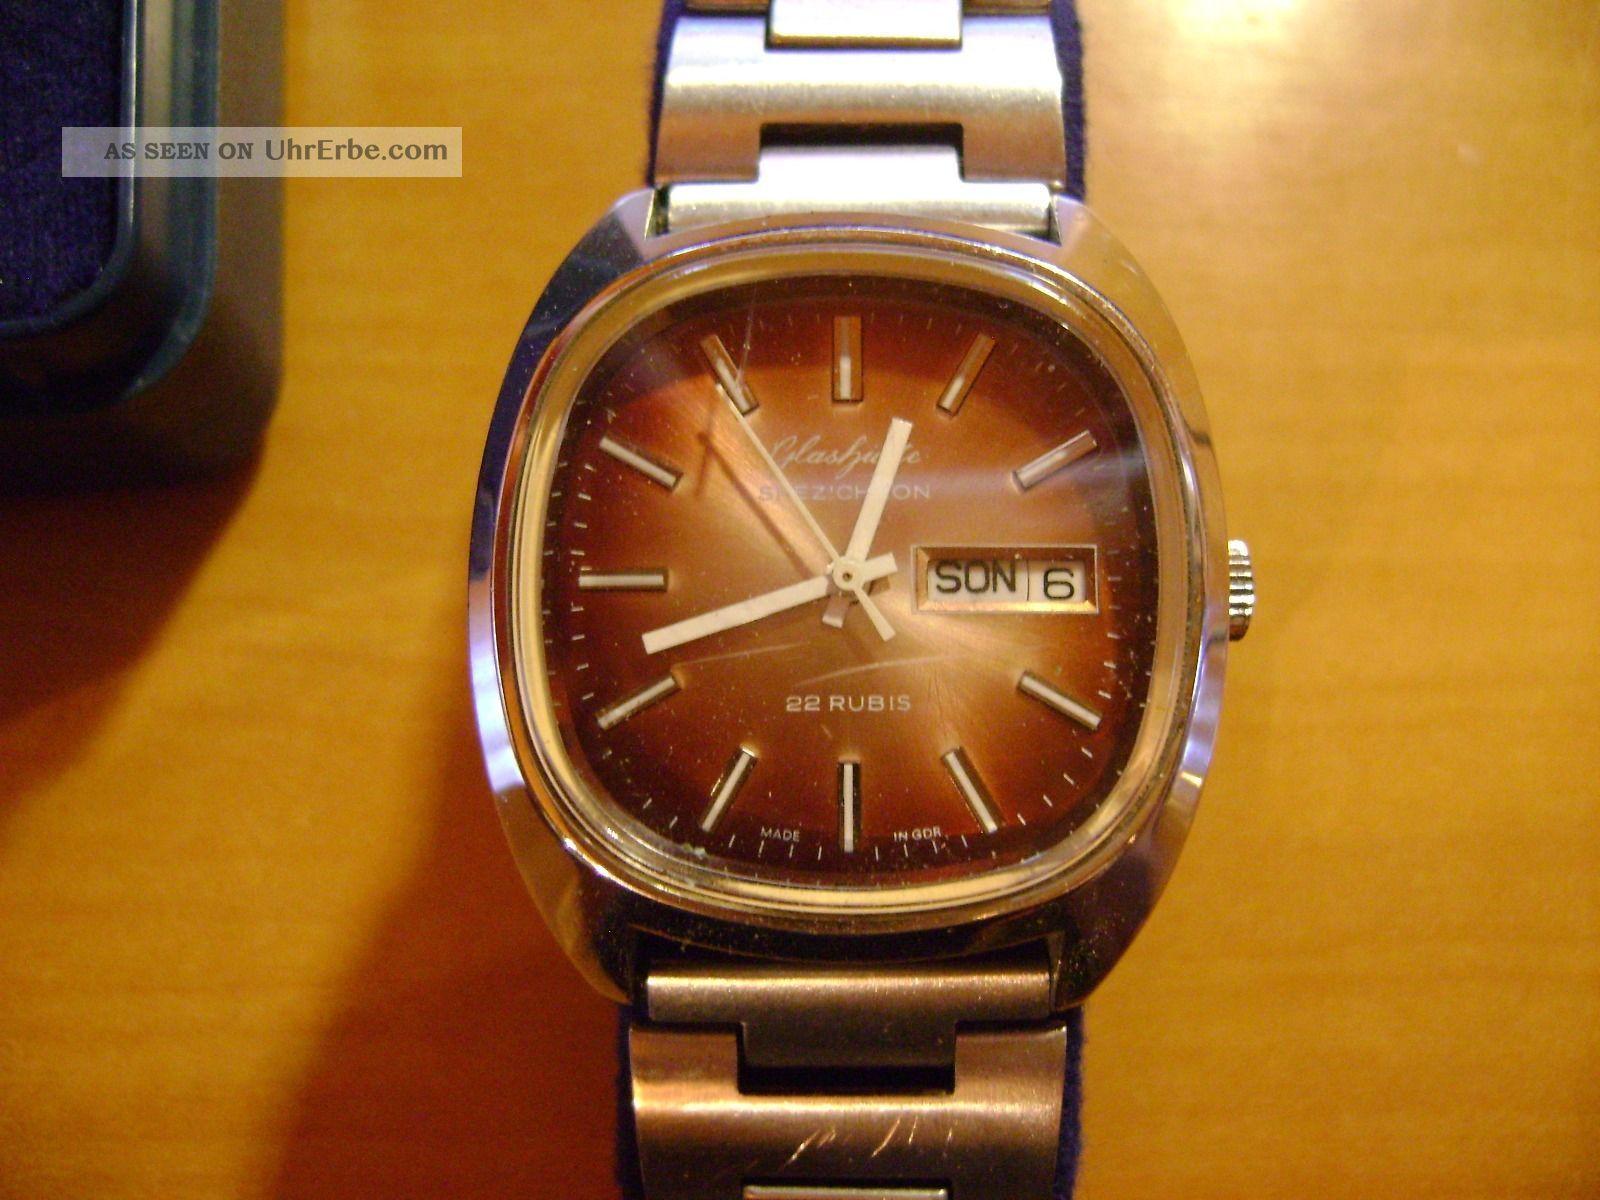 Glashütte Armbanduhr Automatik Spezichron 22 Rubin,  Zk Der Sed Ehrengeschenk Armbanduhren Bild